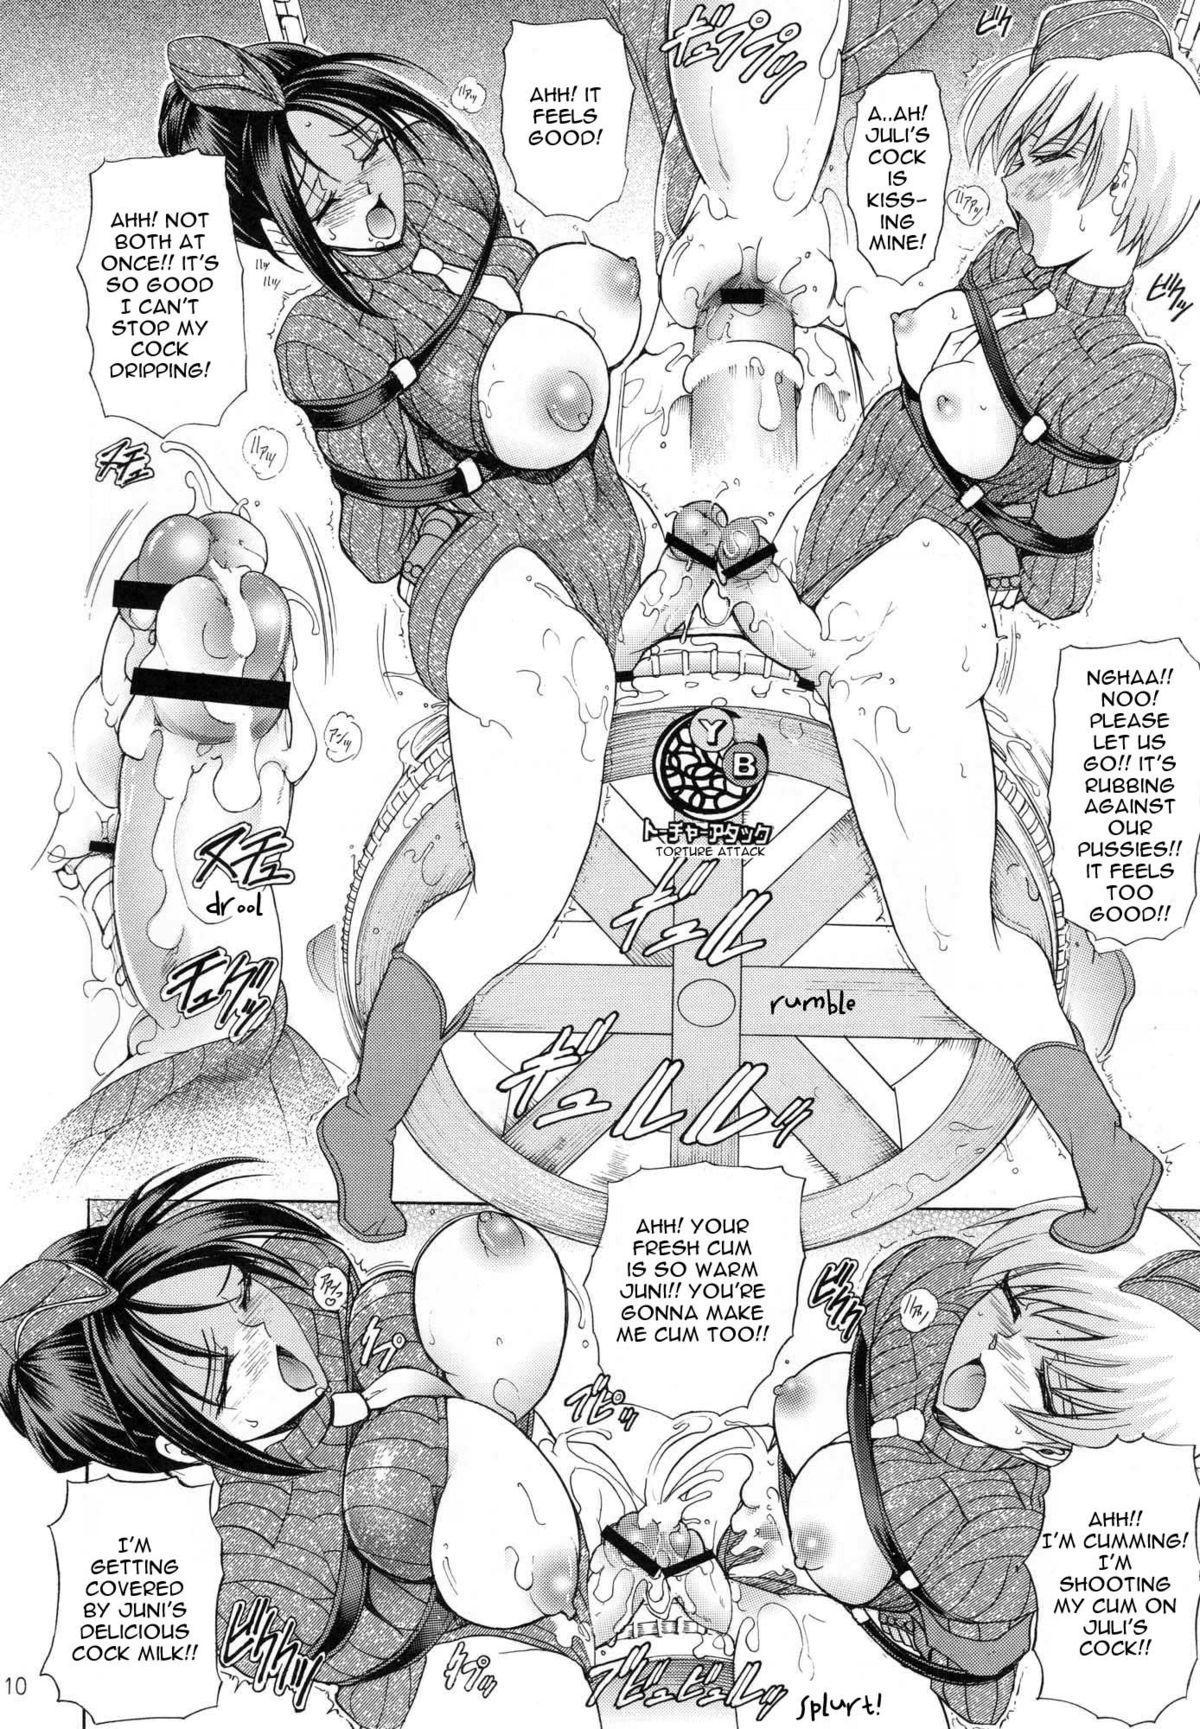 (C77) [Kawaraya Honpo (Kawaraya A-ta)] Hana - Maki no Juukyuu - Kuroki Hana (Bayonetta, Street Fighter, Darkstalkers) [English] {doujin-moe.us} 8